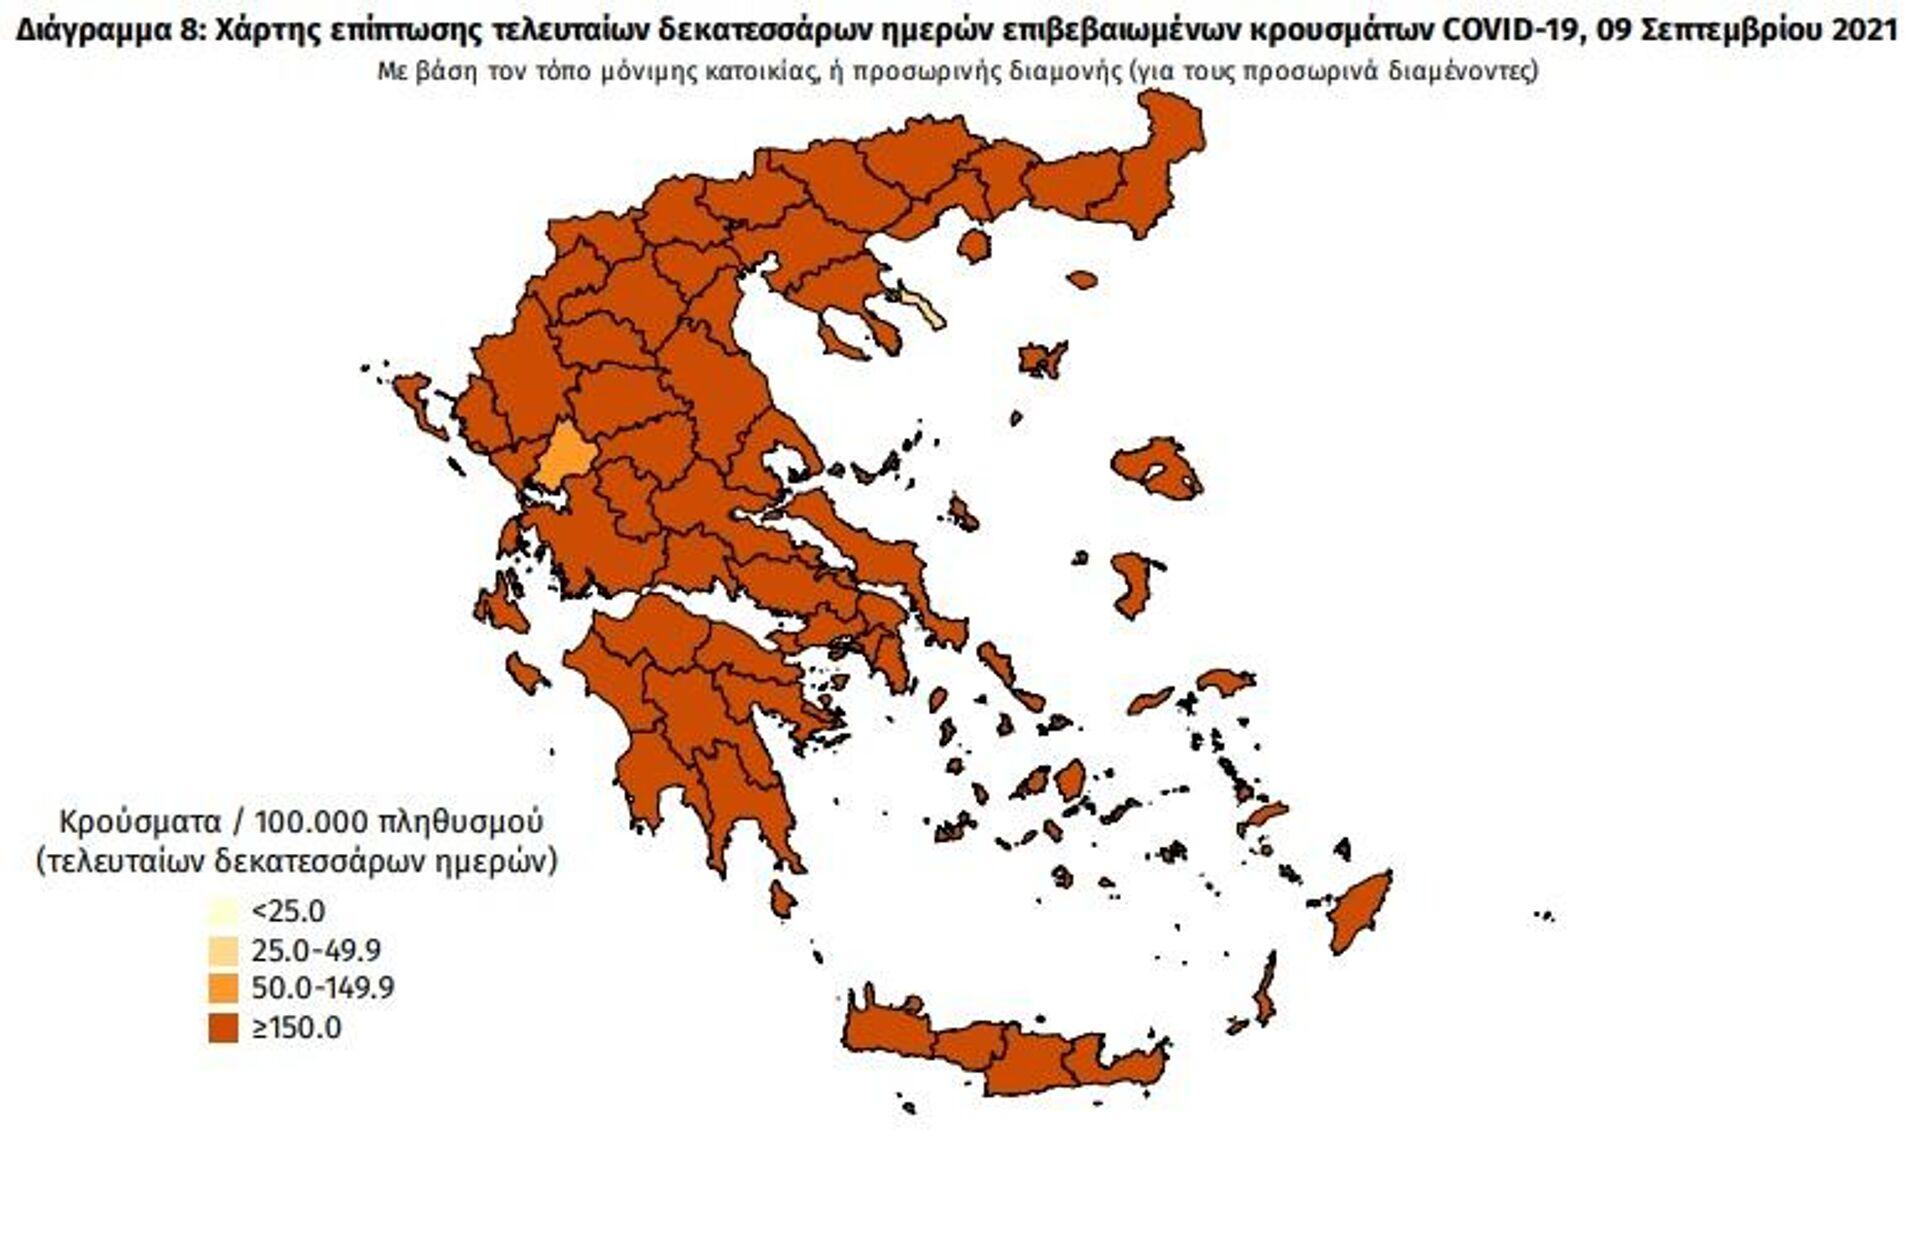 Χάρτης κρουσμάτων 14 ημερών - Sputnik Ελλάδα, 1920, 09.09.2021